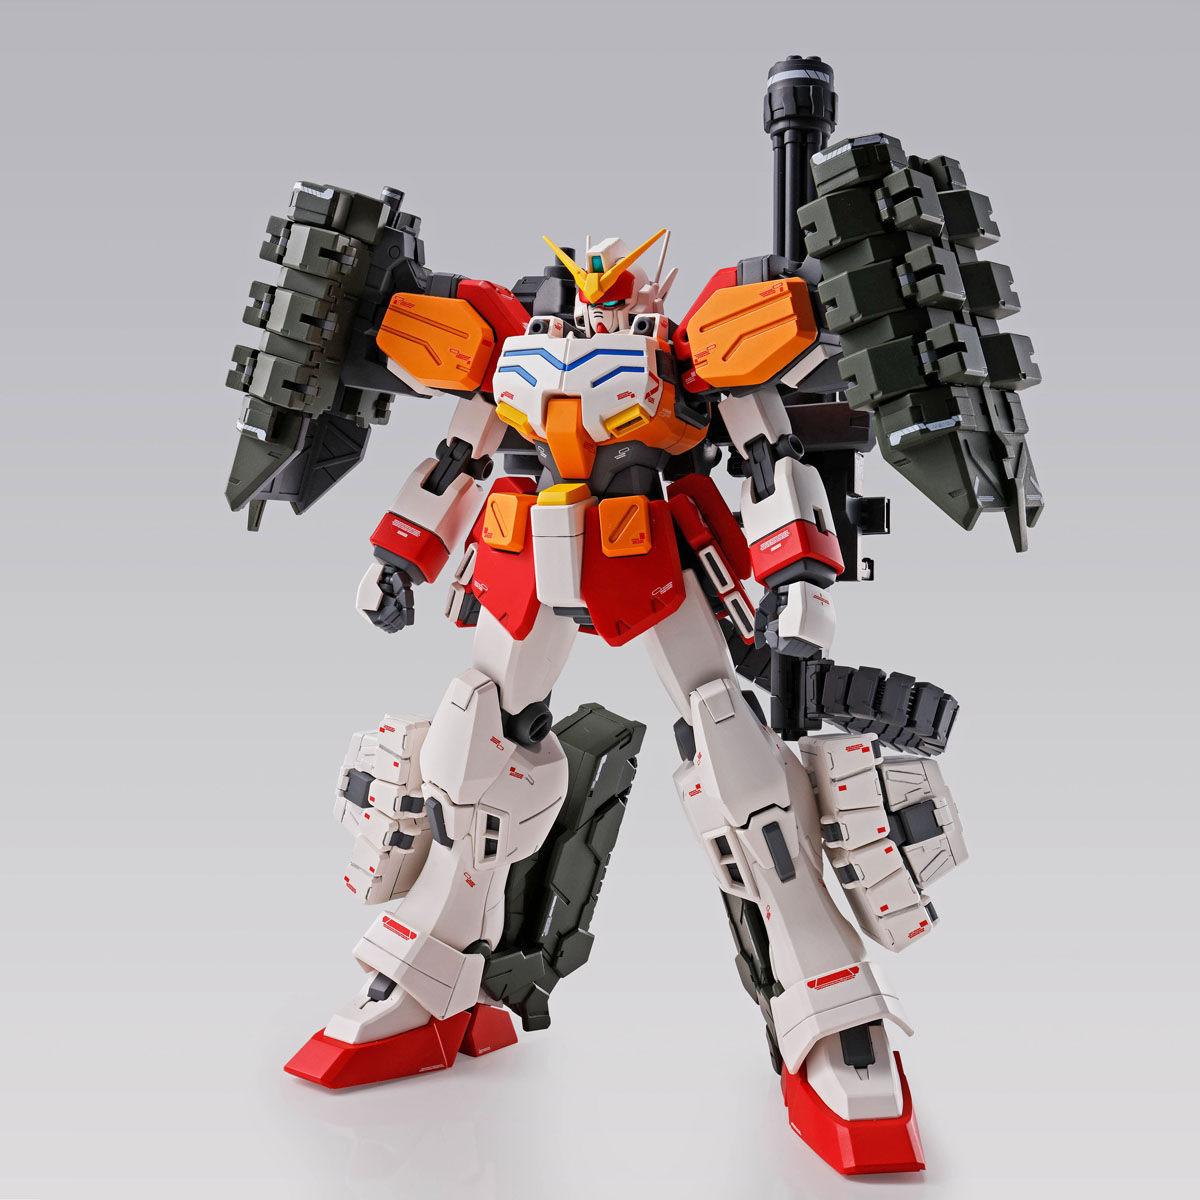 【限定販売】MG 1/100『ガンダムヘビーアームズ EW(イーゲル装備)』ガンダムW プラモデル-002